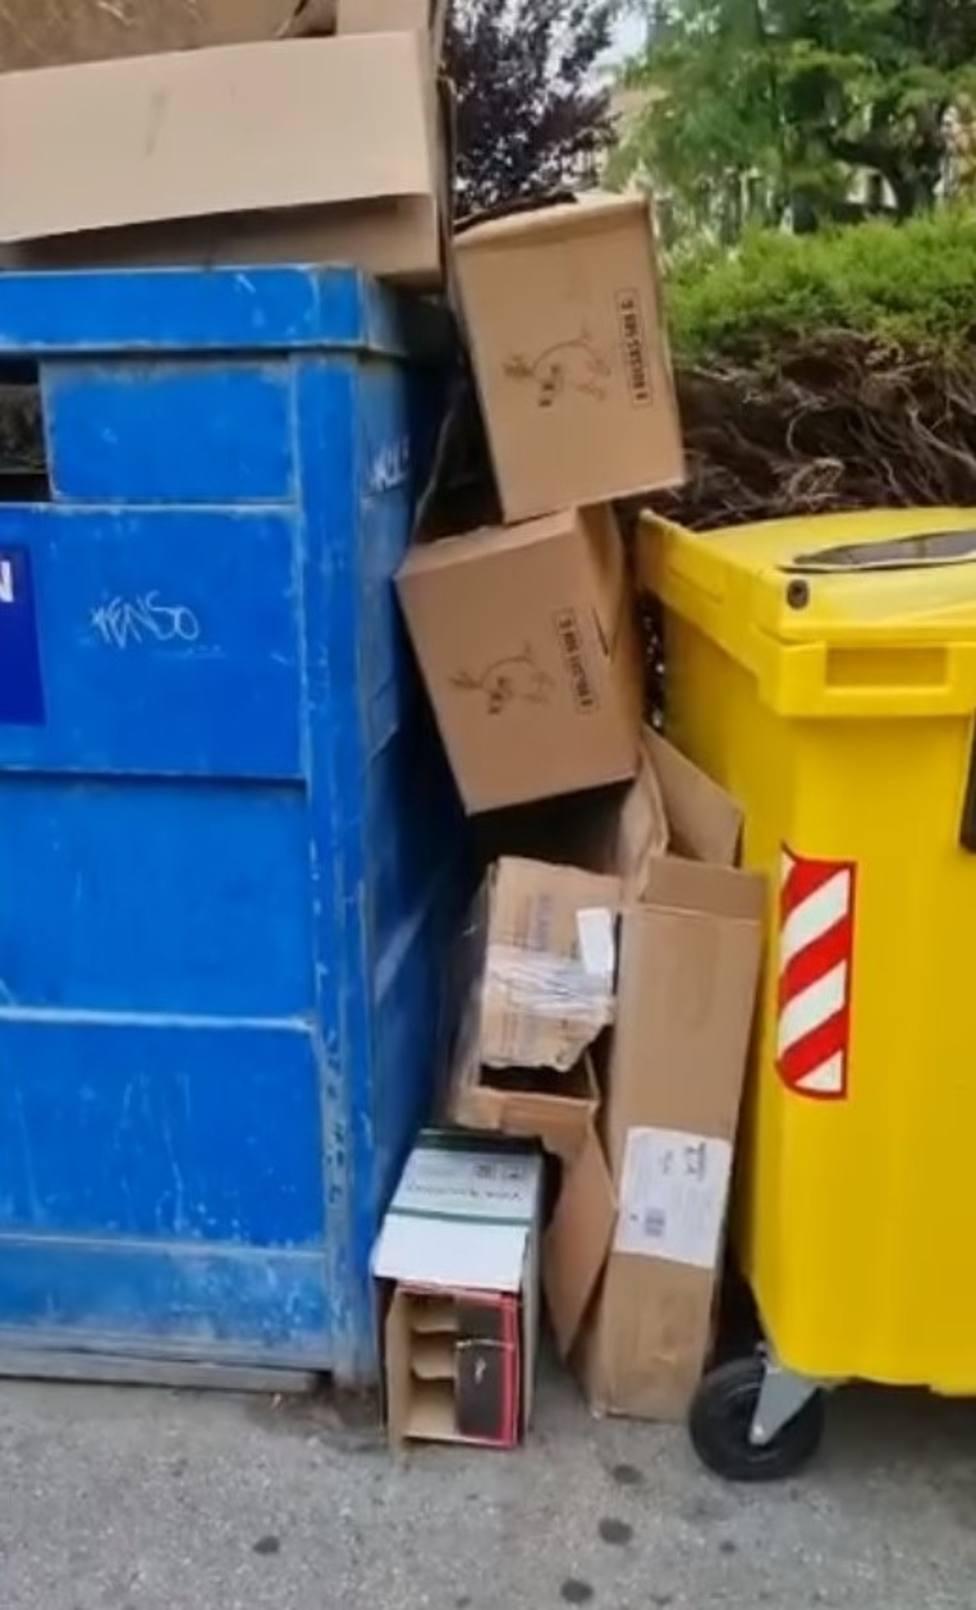 Cartones acumulados sobre los contenedores vacíos en Ribadeo